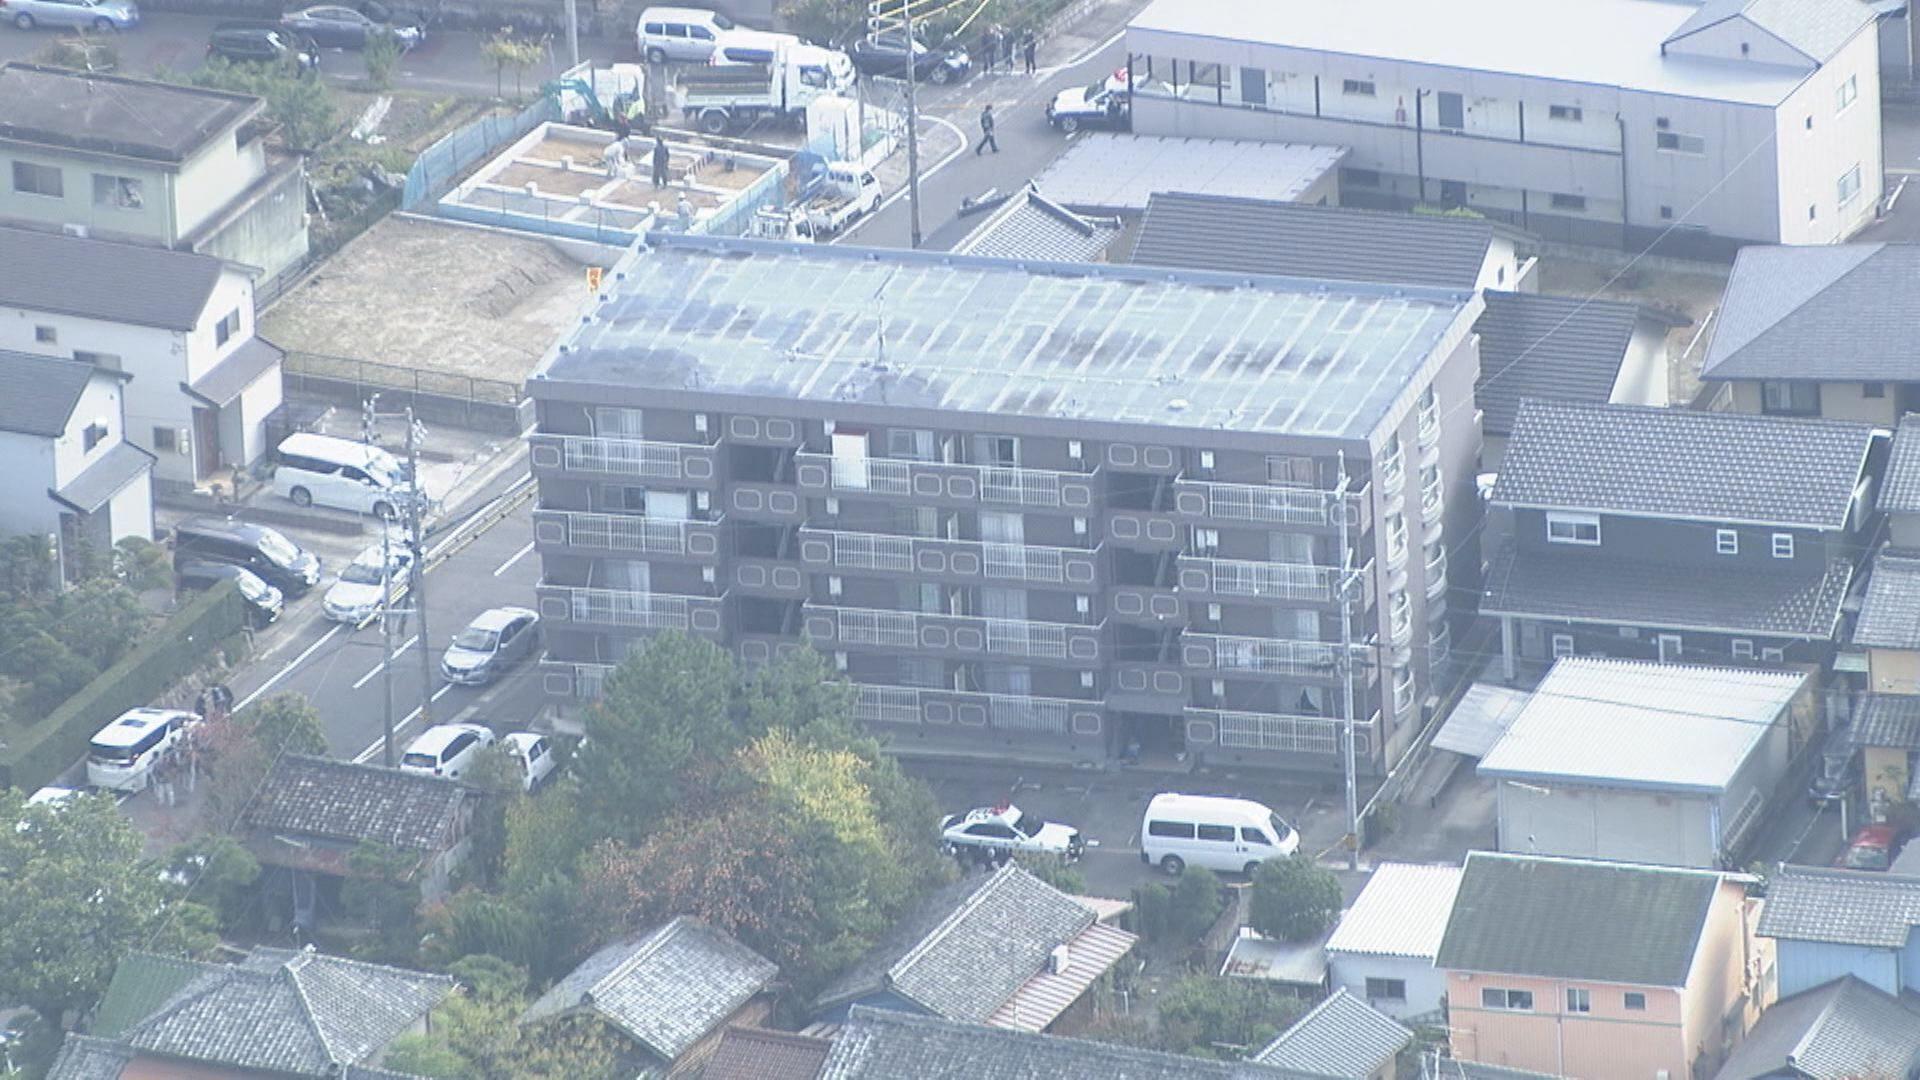 愛知県日名本町にある集合住宅で血だらけで殺害されている男性の遺体